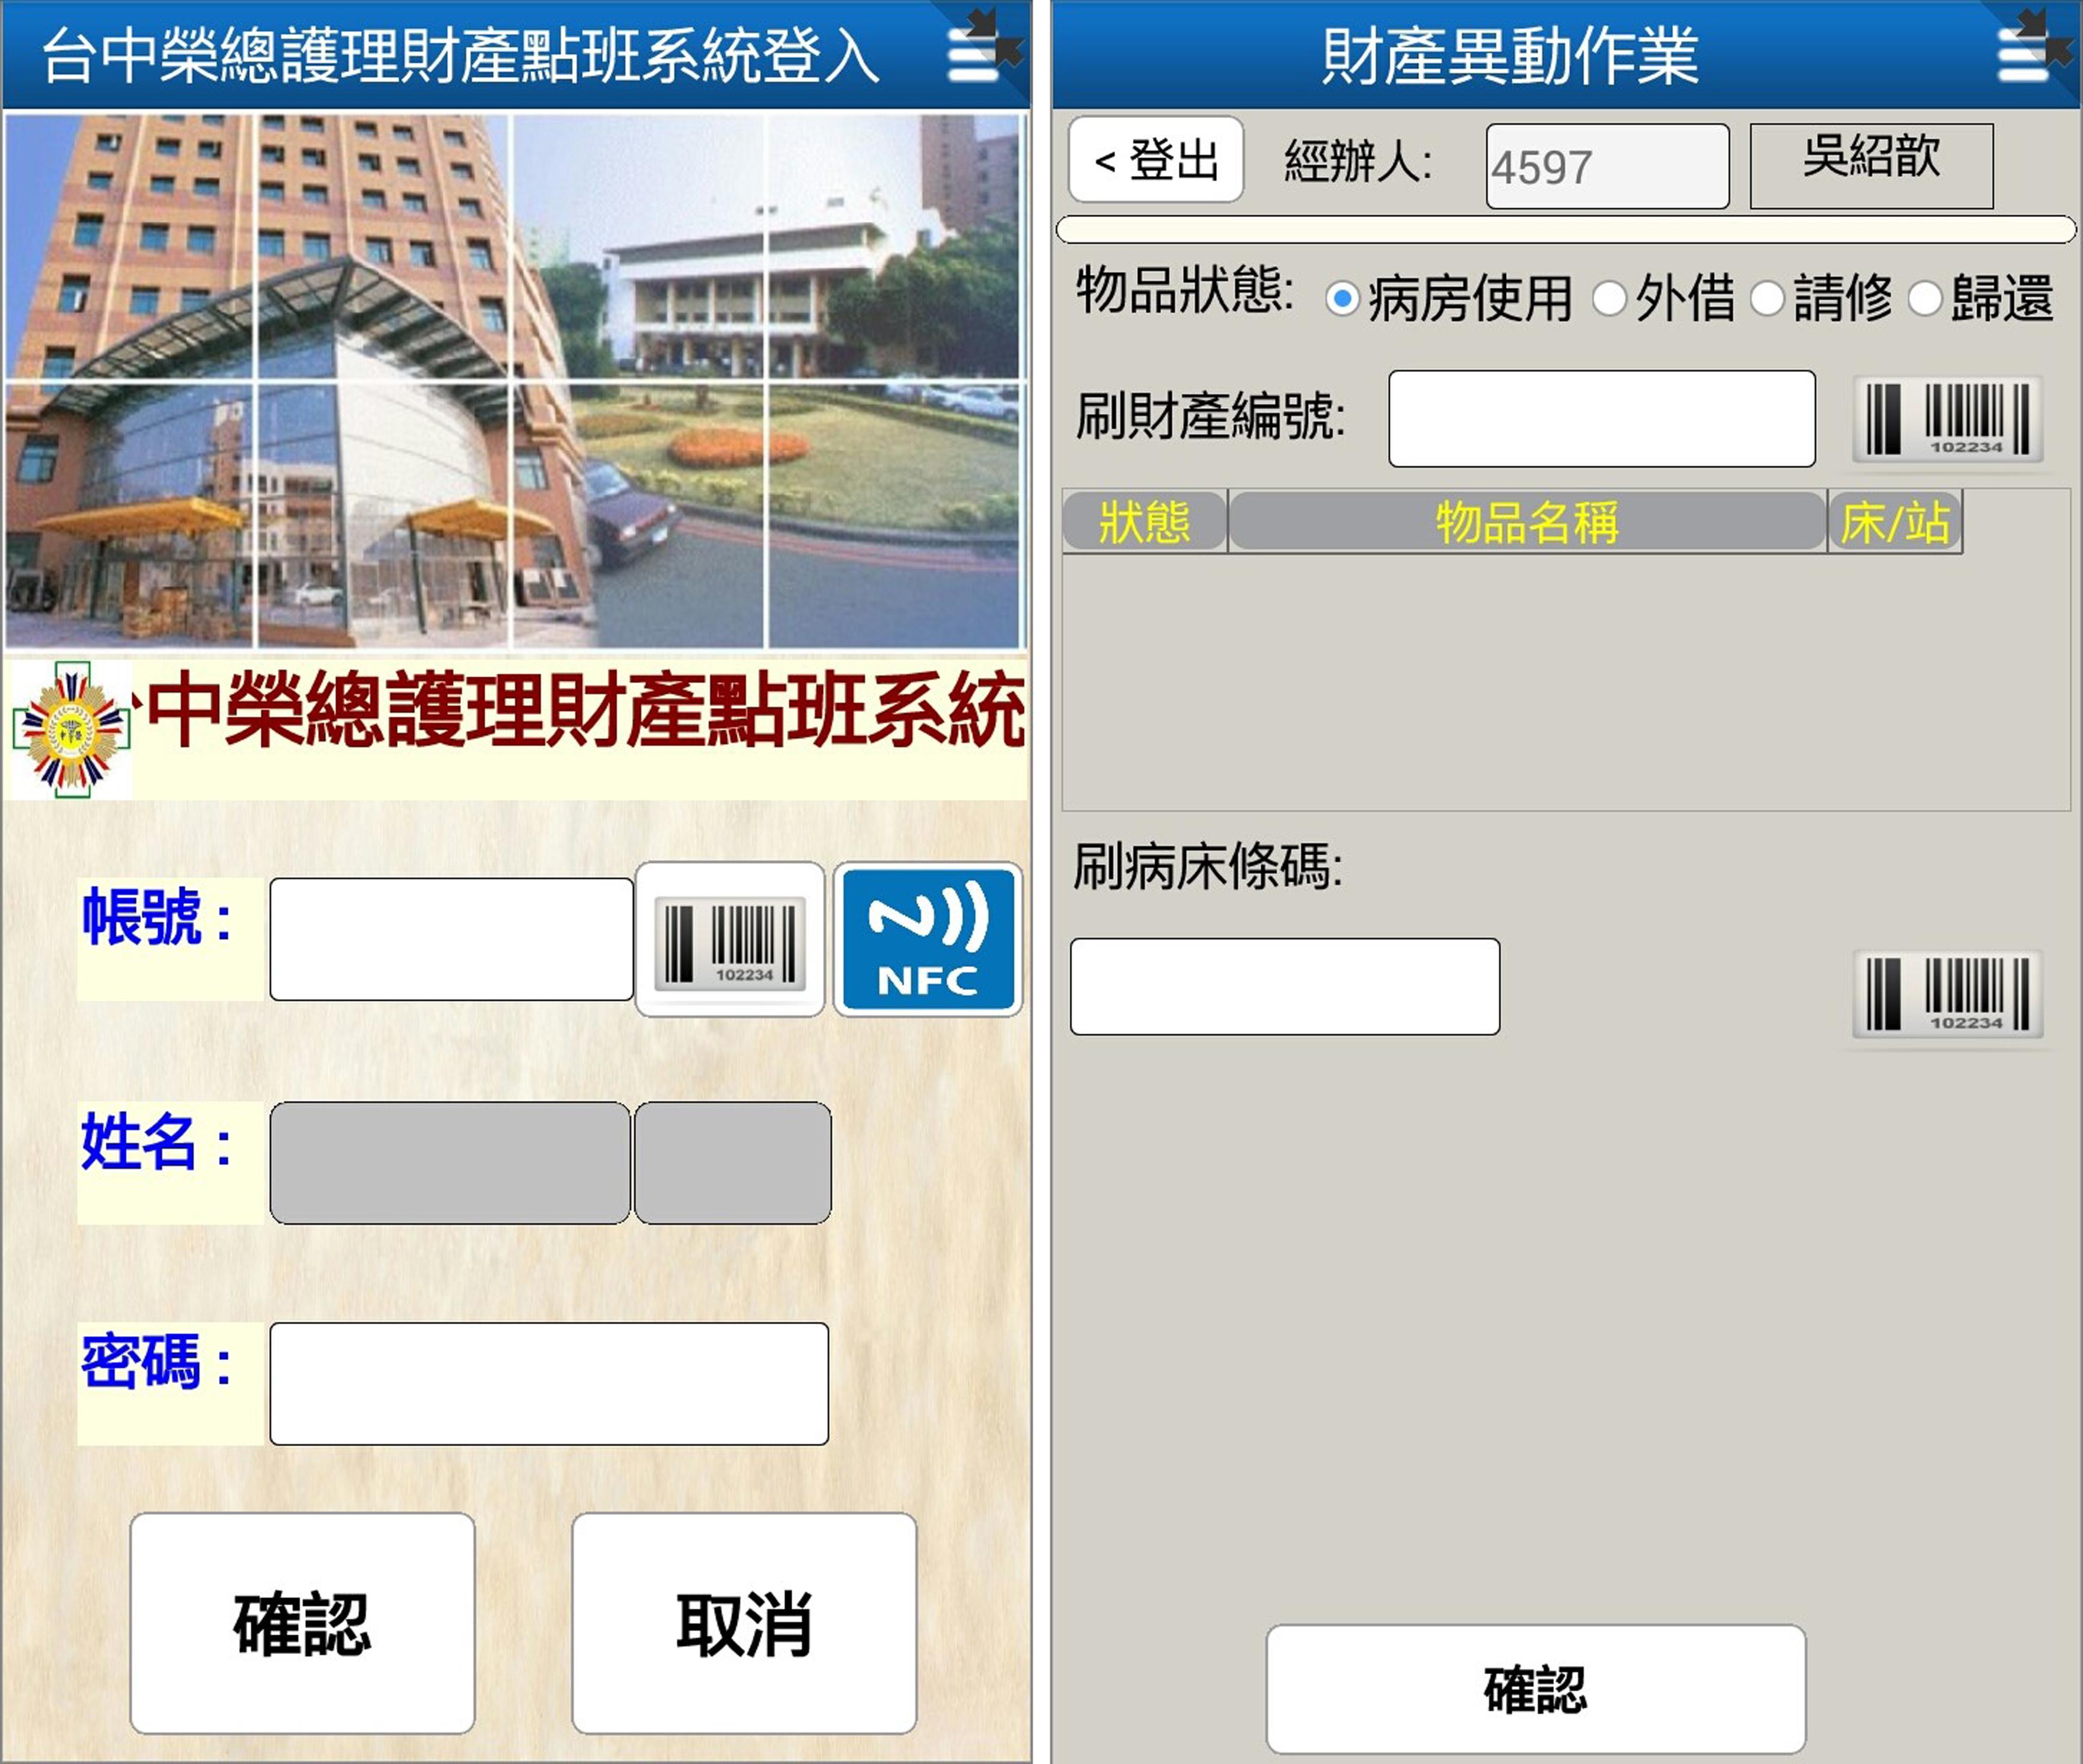 系統操作畫面--登入、選擇功能